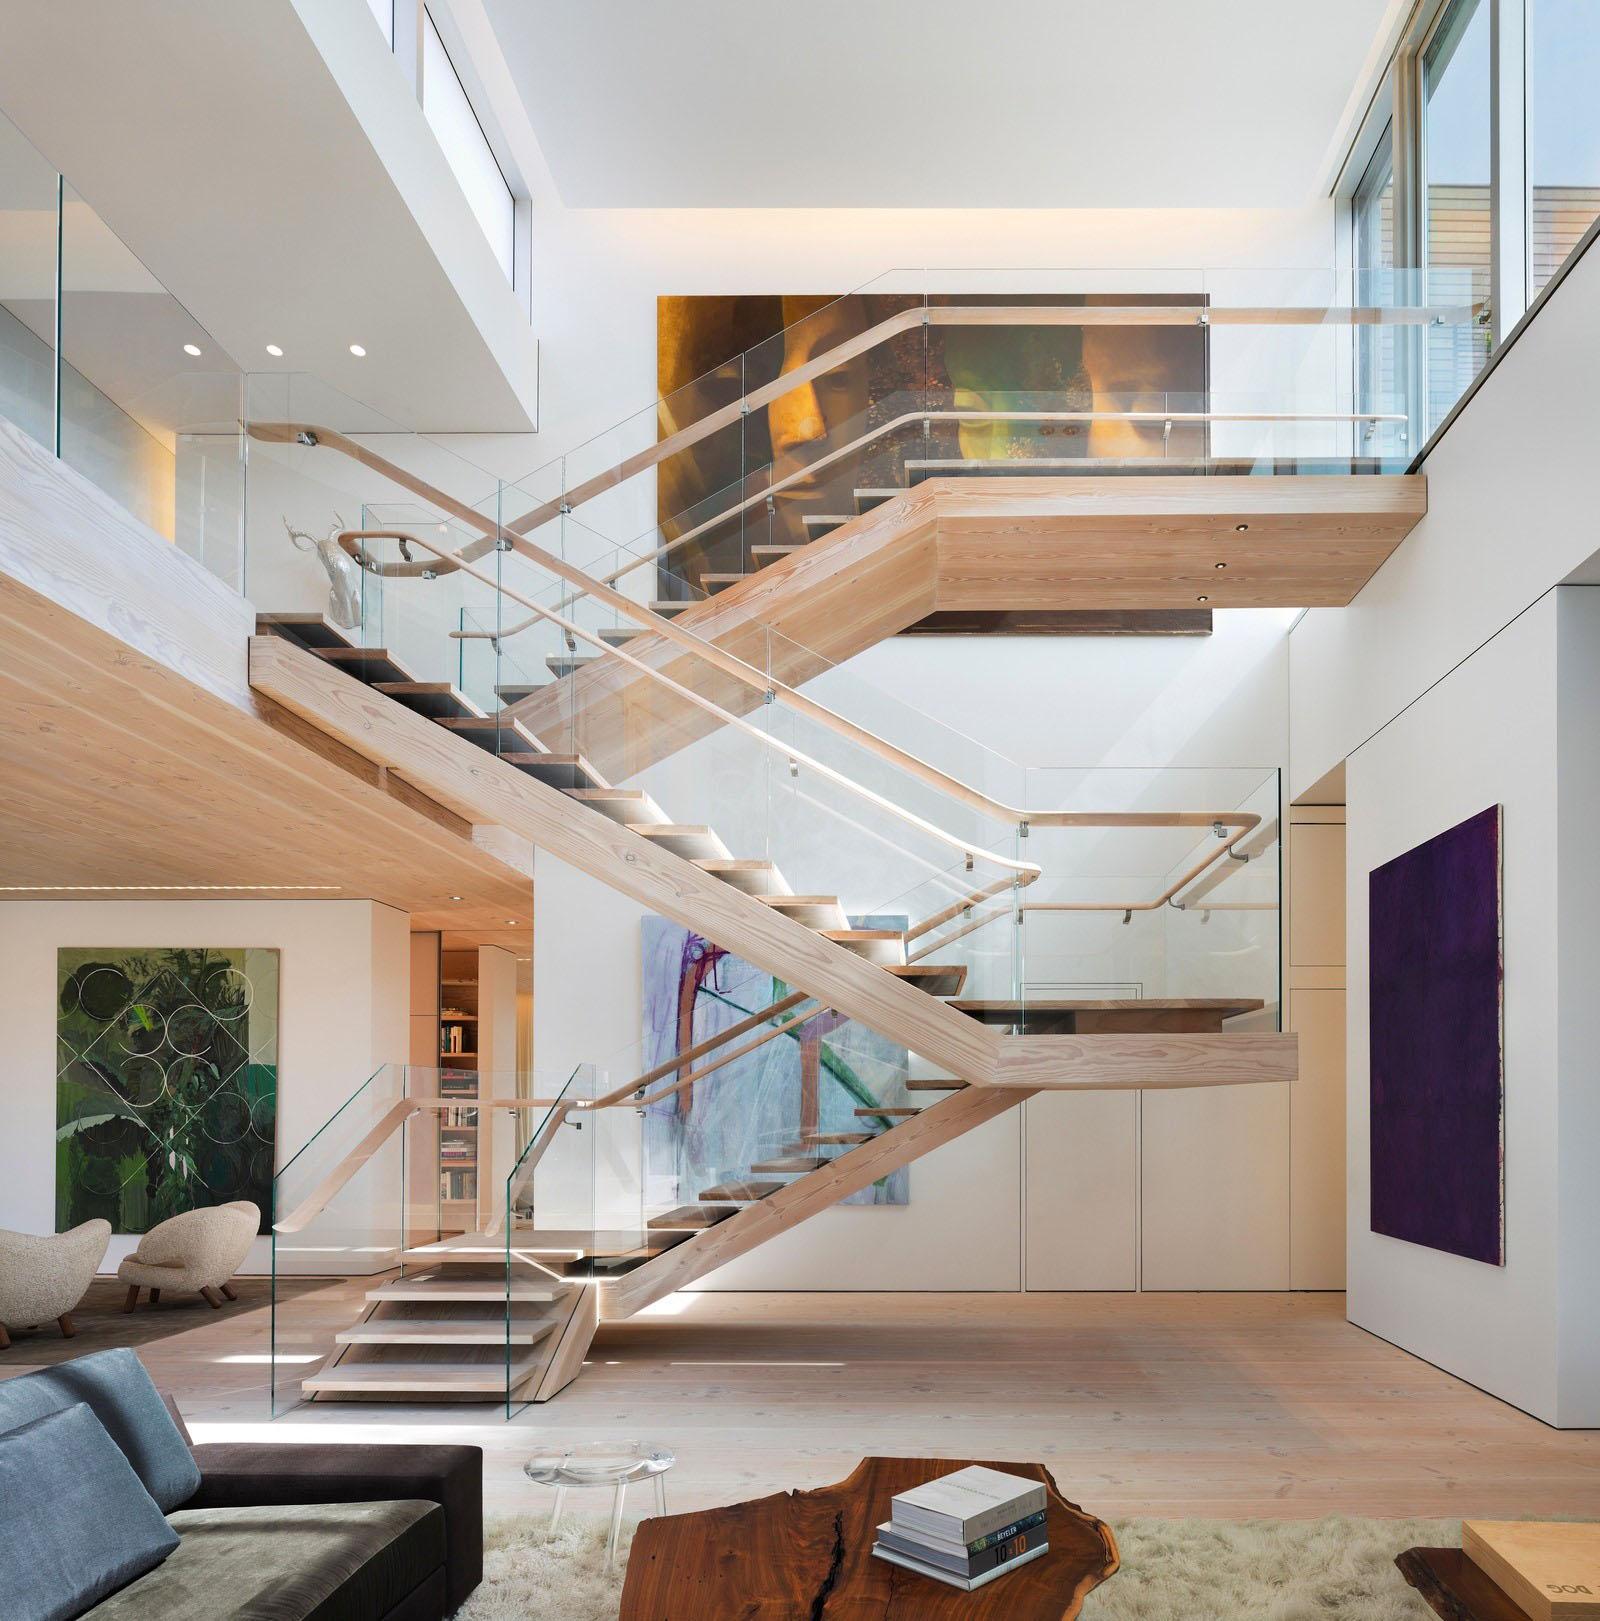 Interior Design, Architecture & Interior